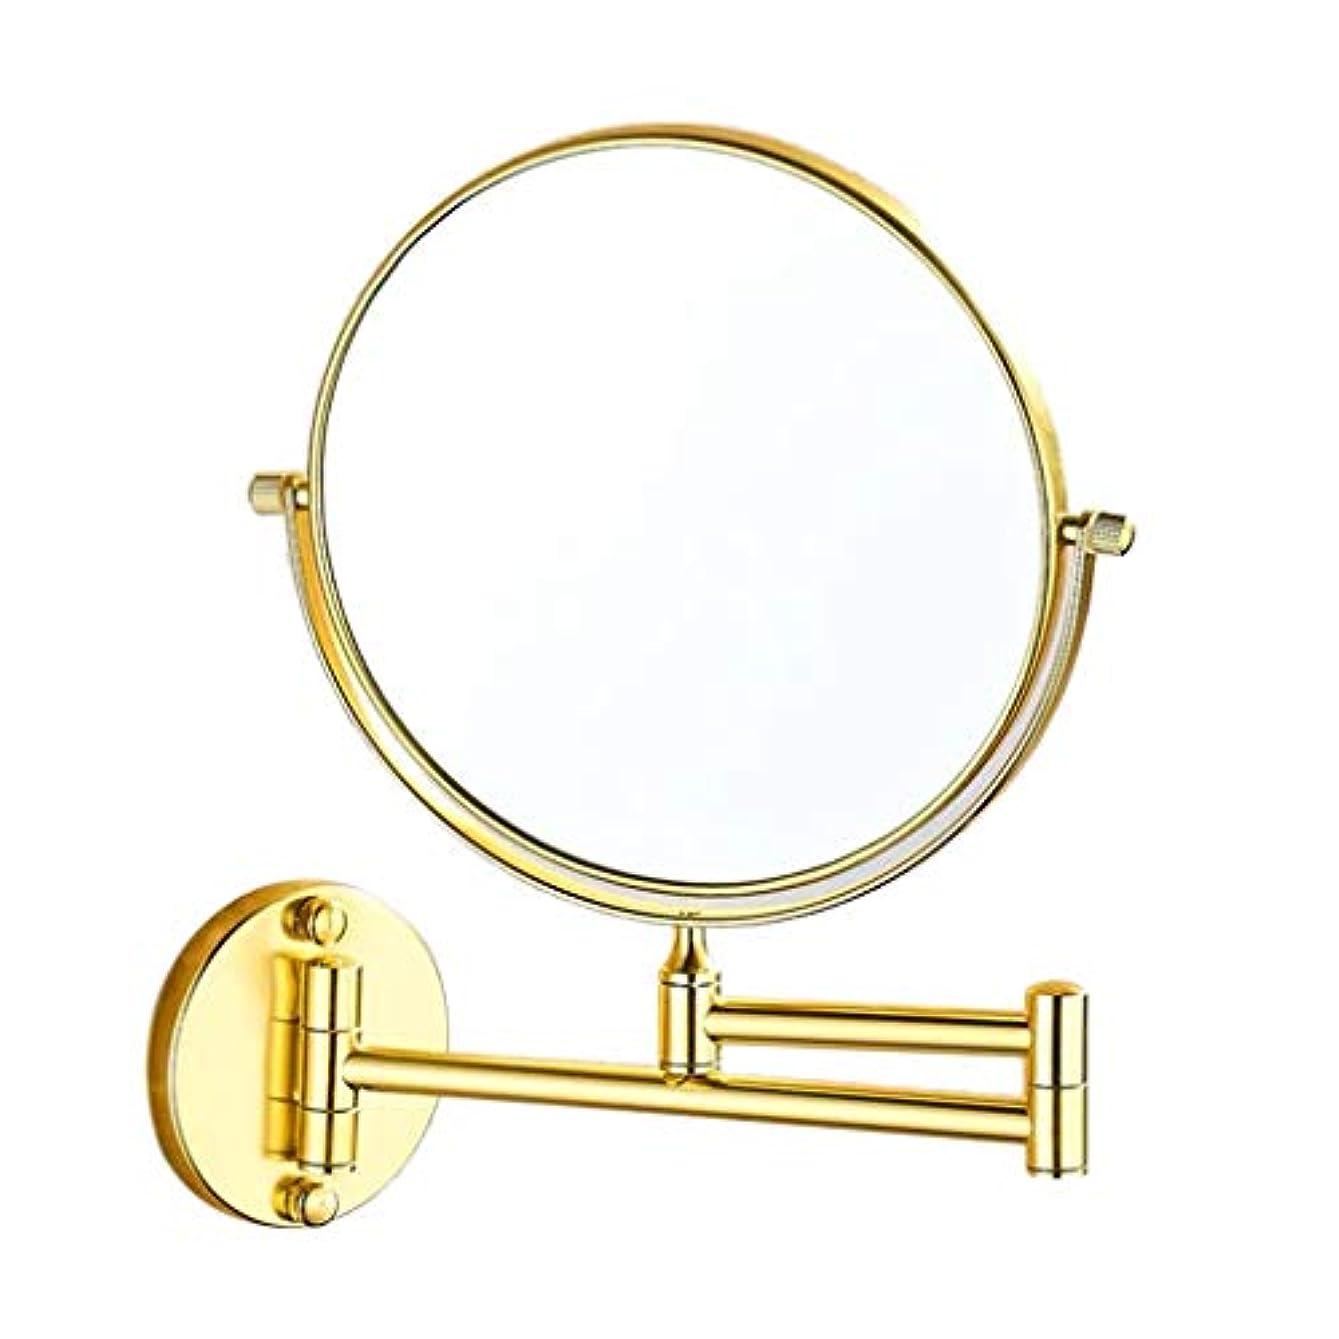 未使用証拠よろめくPerfeclan メイクミラー 拡大 3倍拡大鏡 アームミラー 洗面所 化粧鏡 化粧ミラー 360度 スイベル 両面 全3色 - ゴールデン